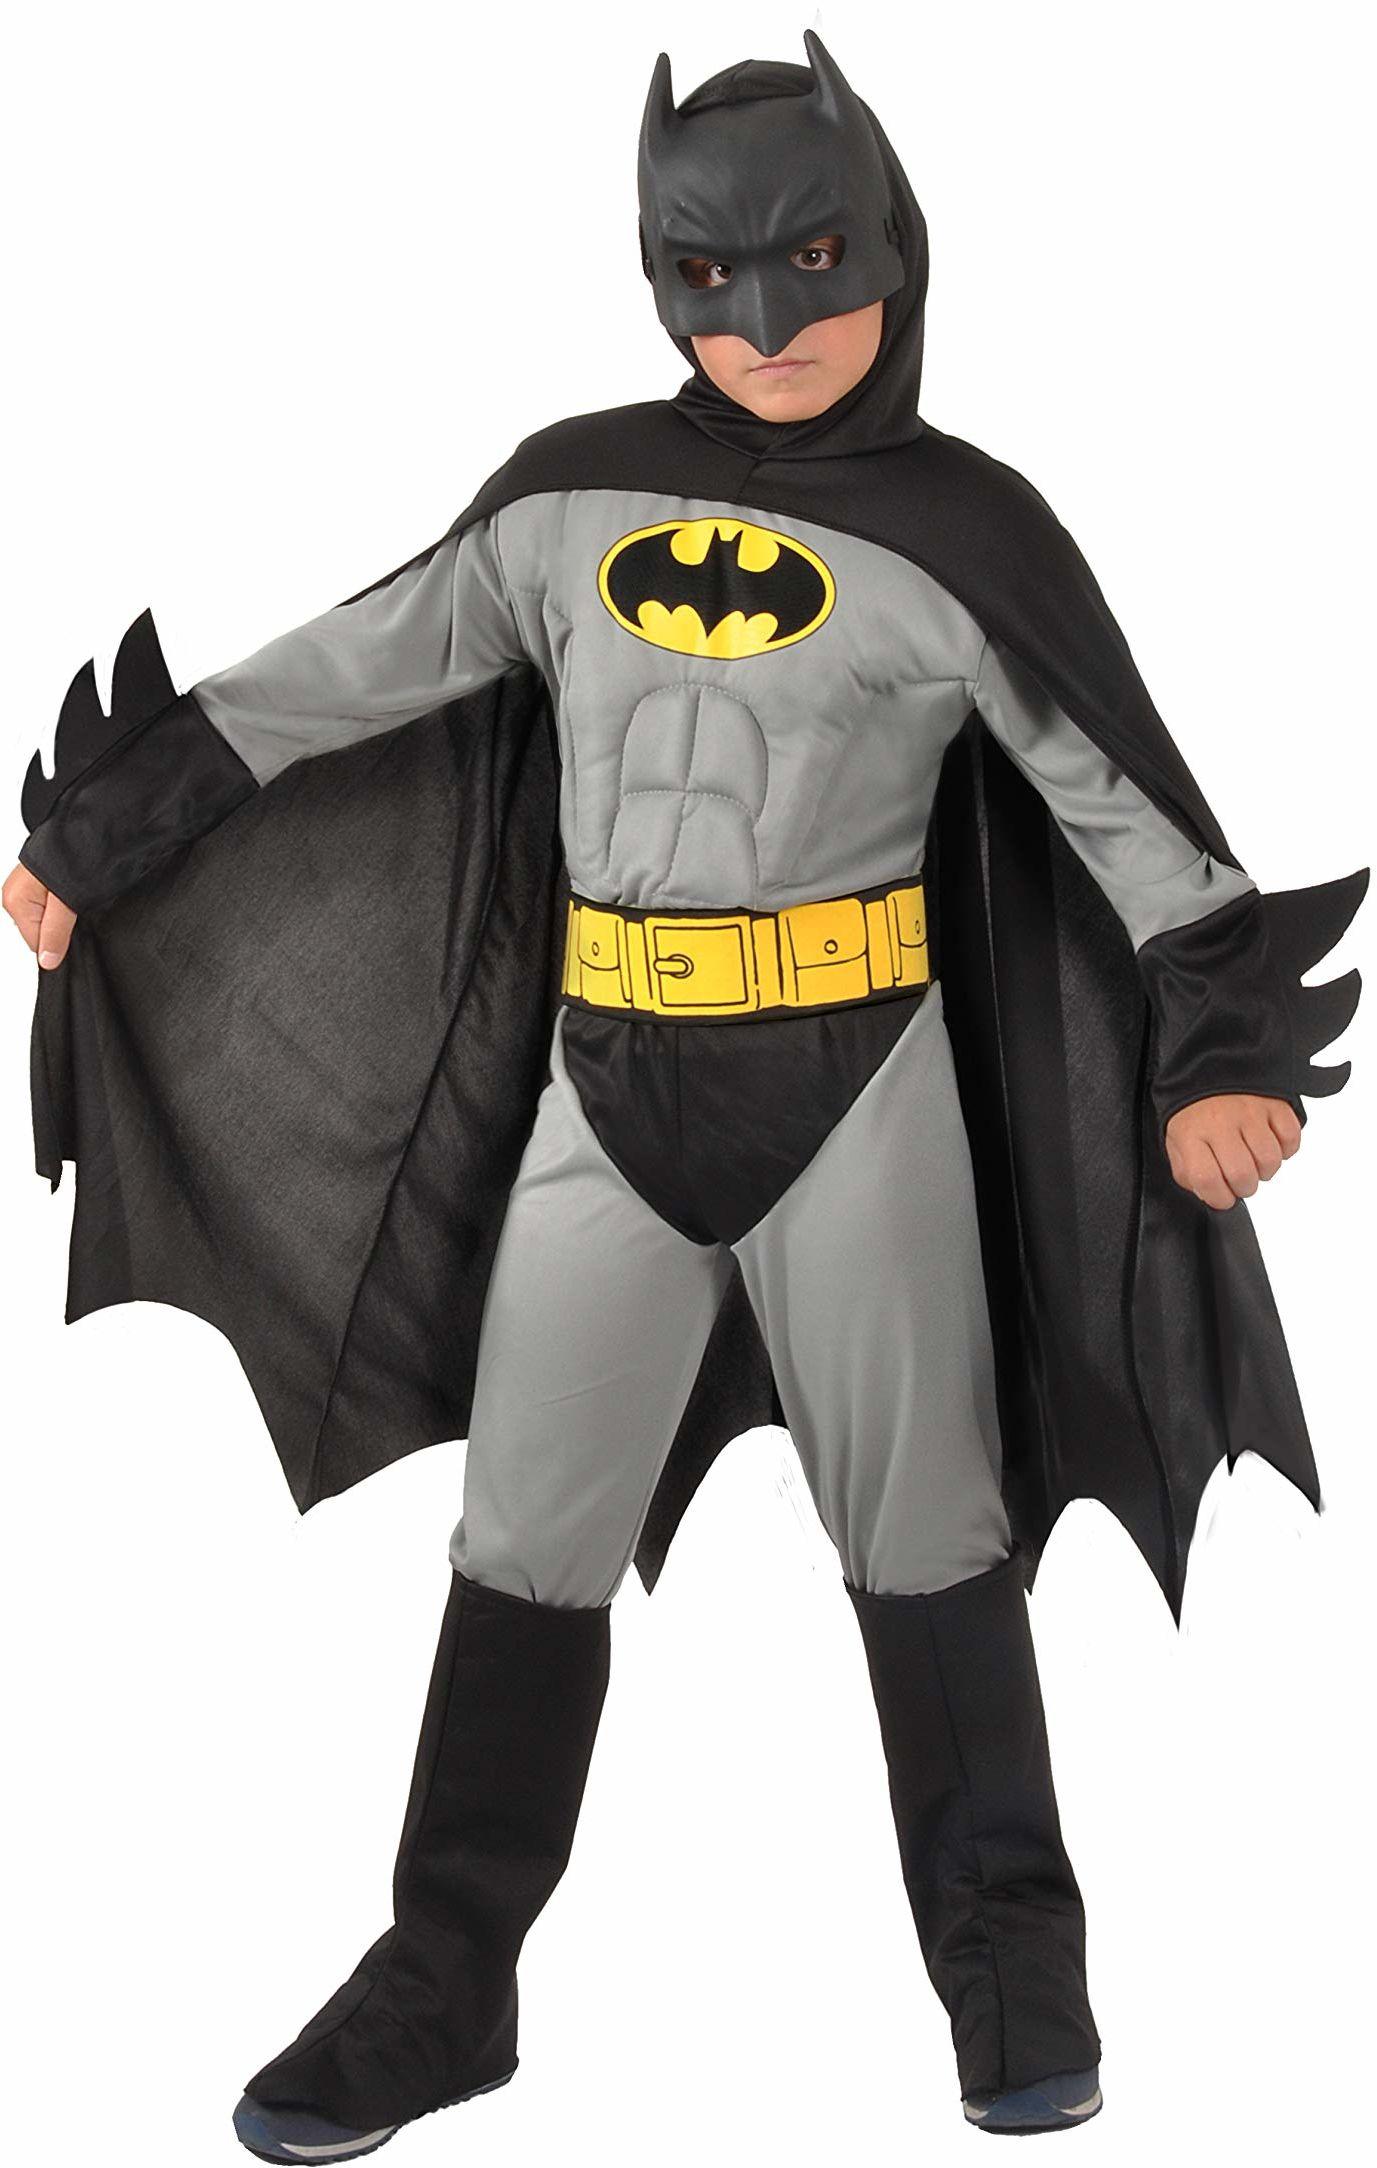 Ciao -Batman Classic kostium dziecięcy oryginalny DC Comics (rozmiar 8-10 lat) z wyściełanymi mięśniami klatki piersiowej, kolor szary/czarny, 11701.8-10